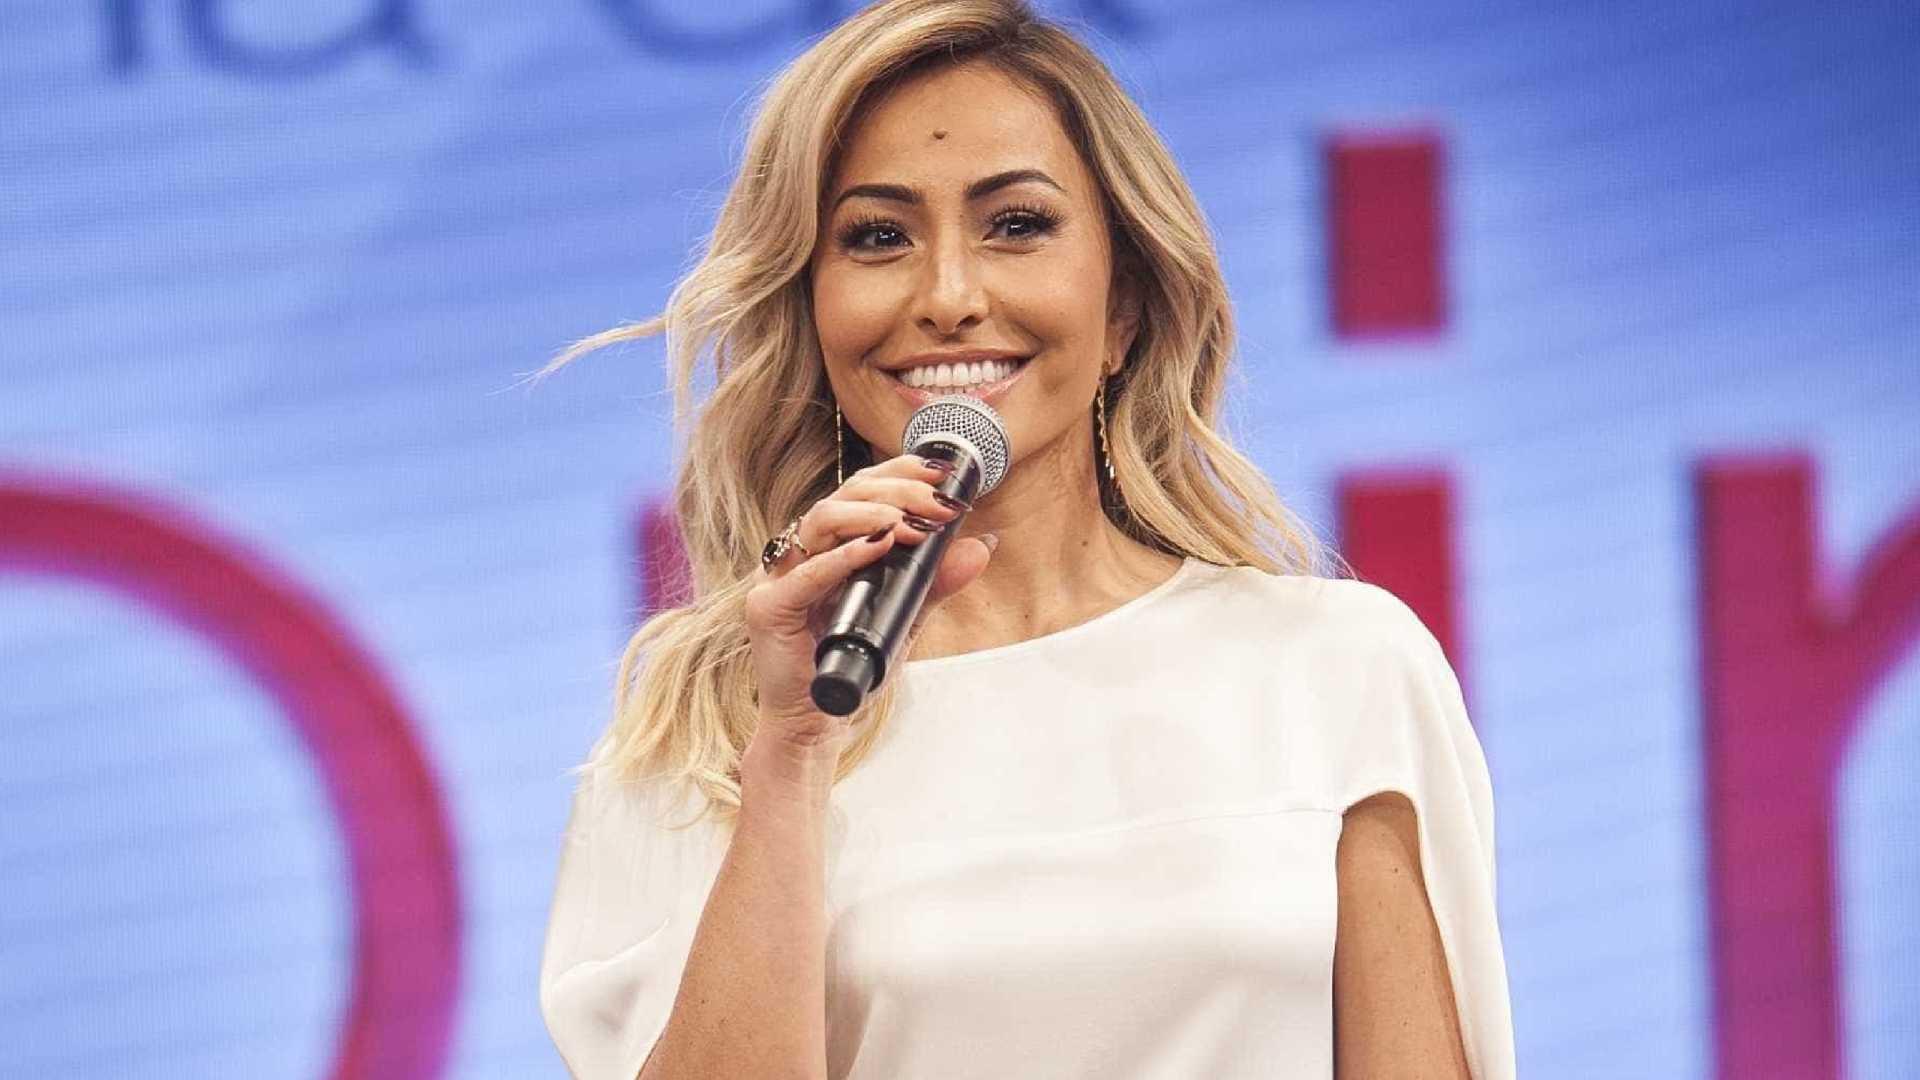 sabrina sato - Futuro de Sabrina na Record provoca tensão em equipe do programa